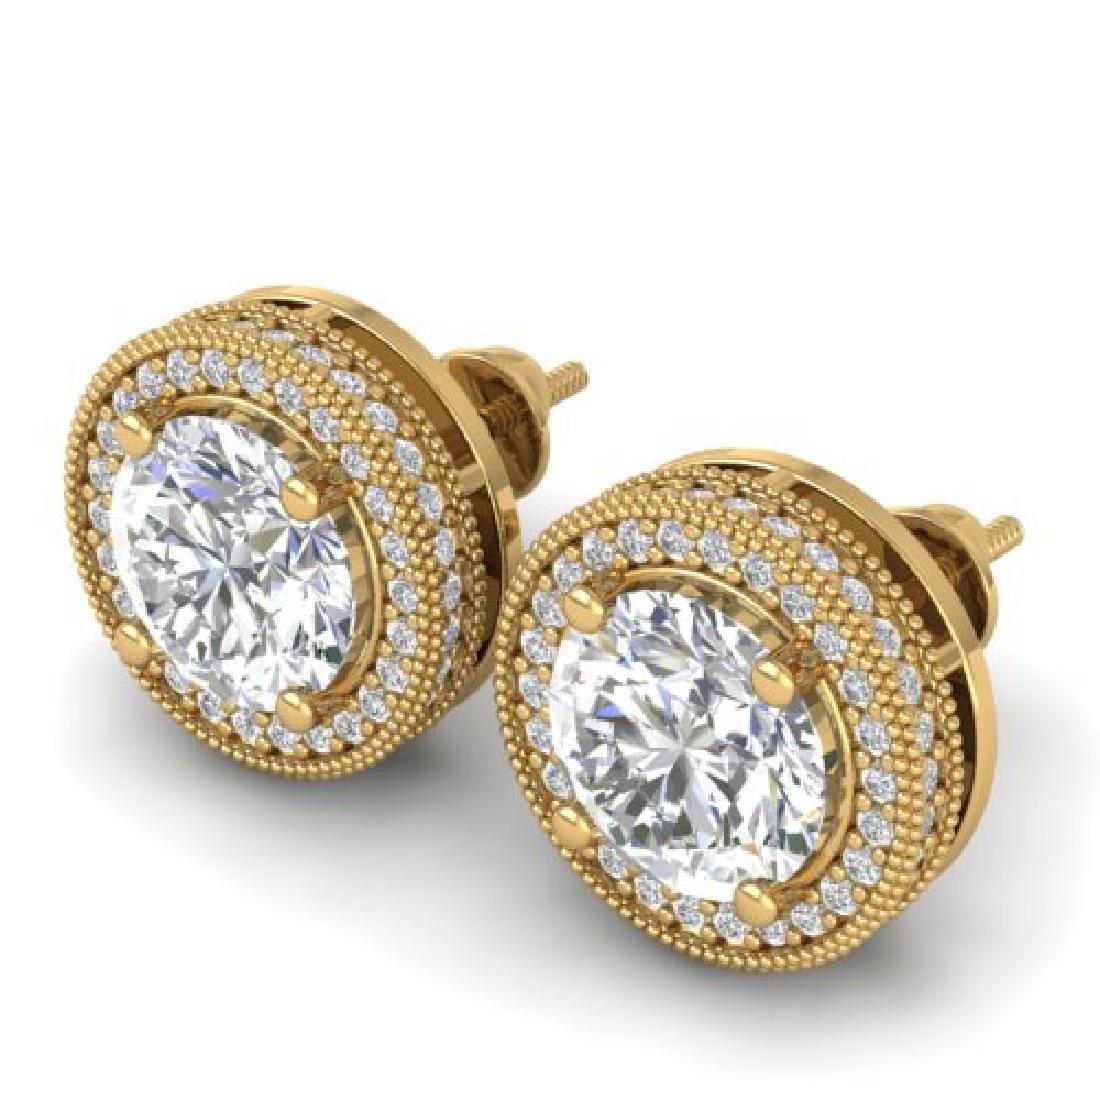 4 CTW Certified VS/SI Diamond Art Deco Stud Earrings - 2